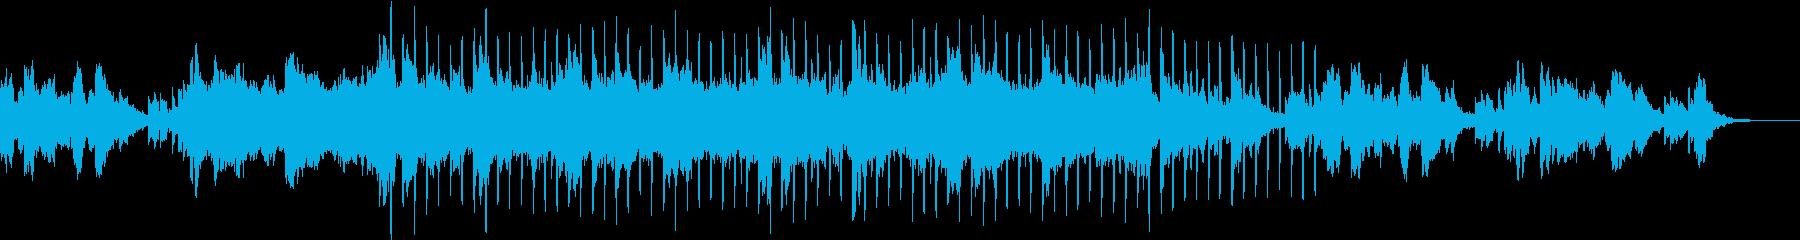 シンセの海に潜るアンビエント曲の再生済みの波形